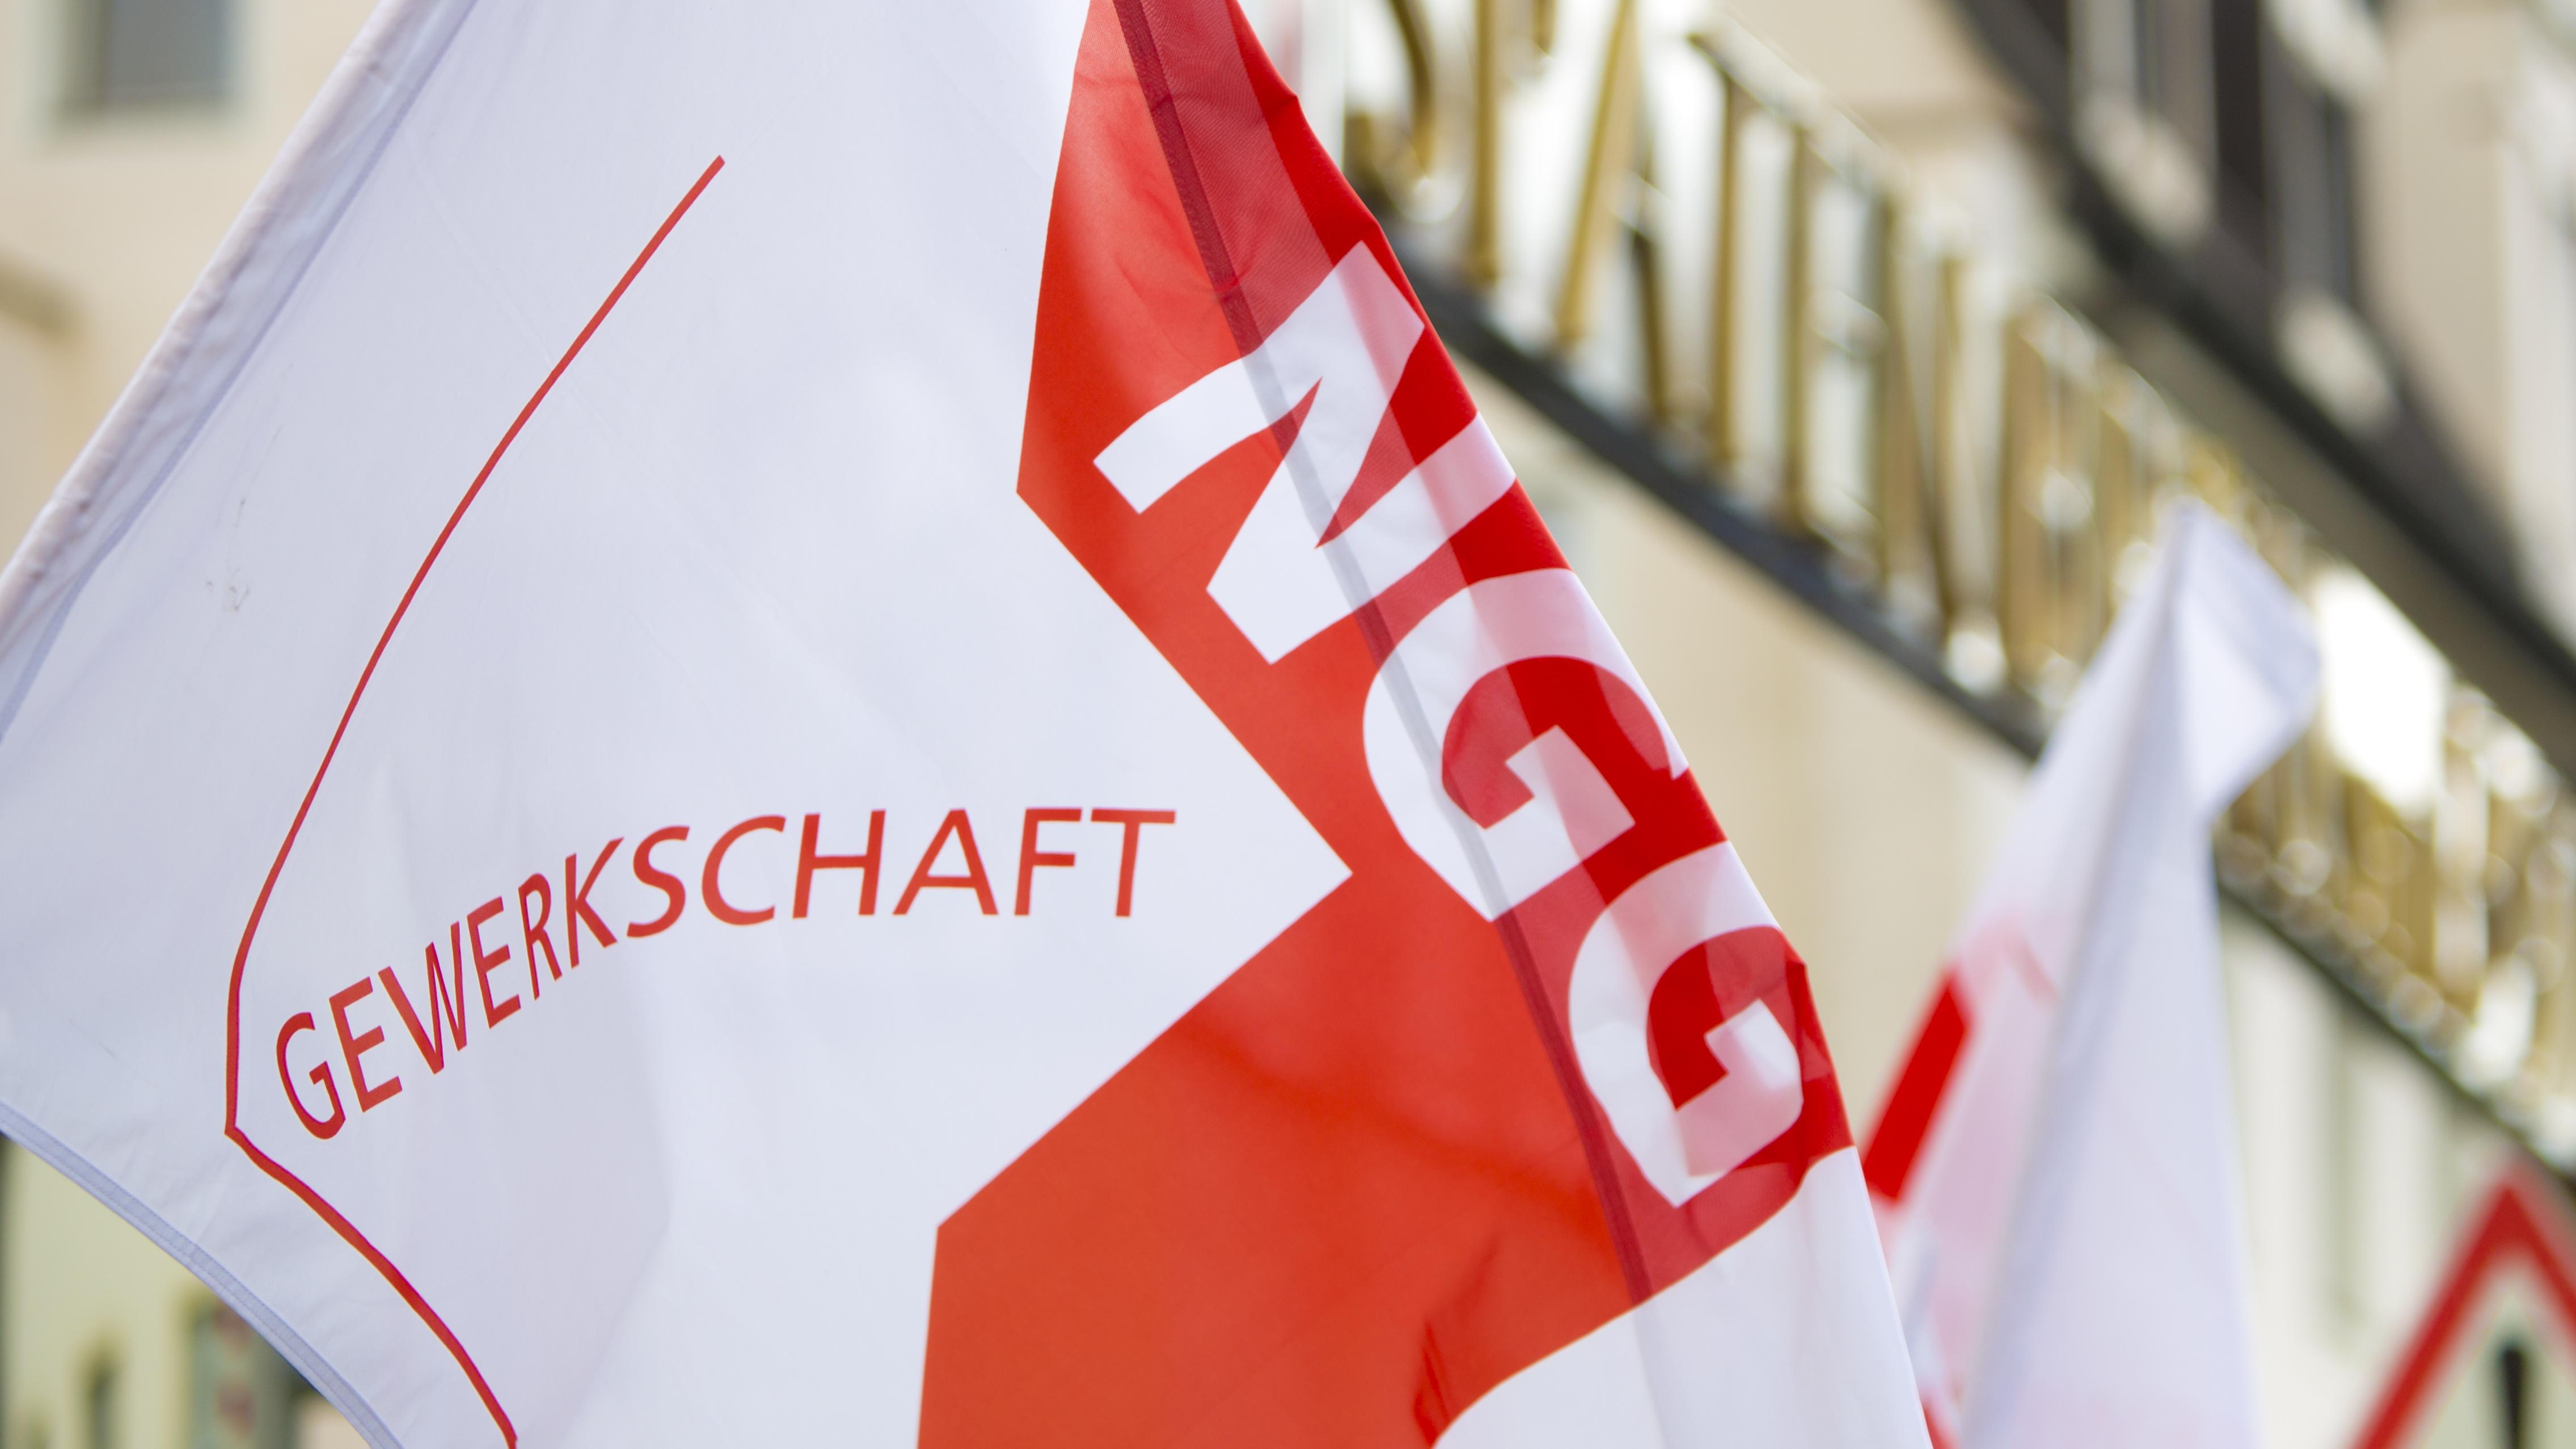 Fahne der Gewerkschaft NGG